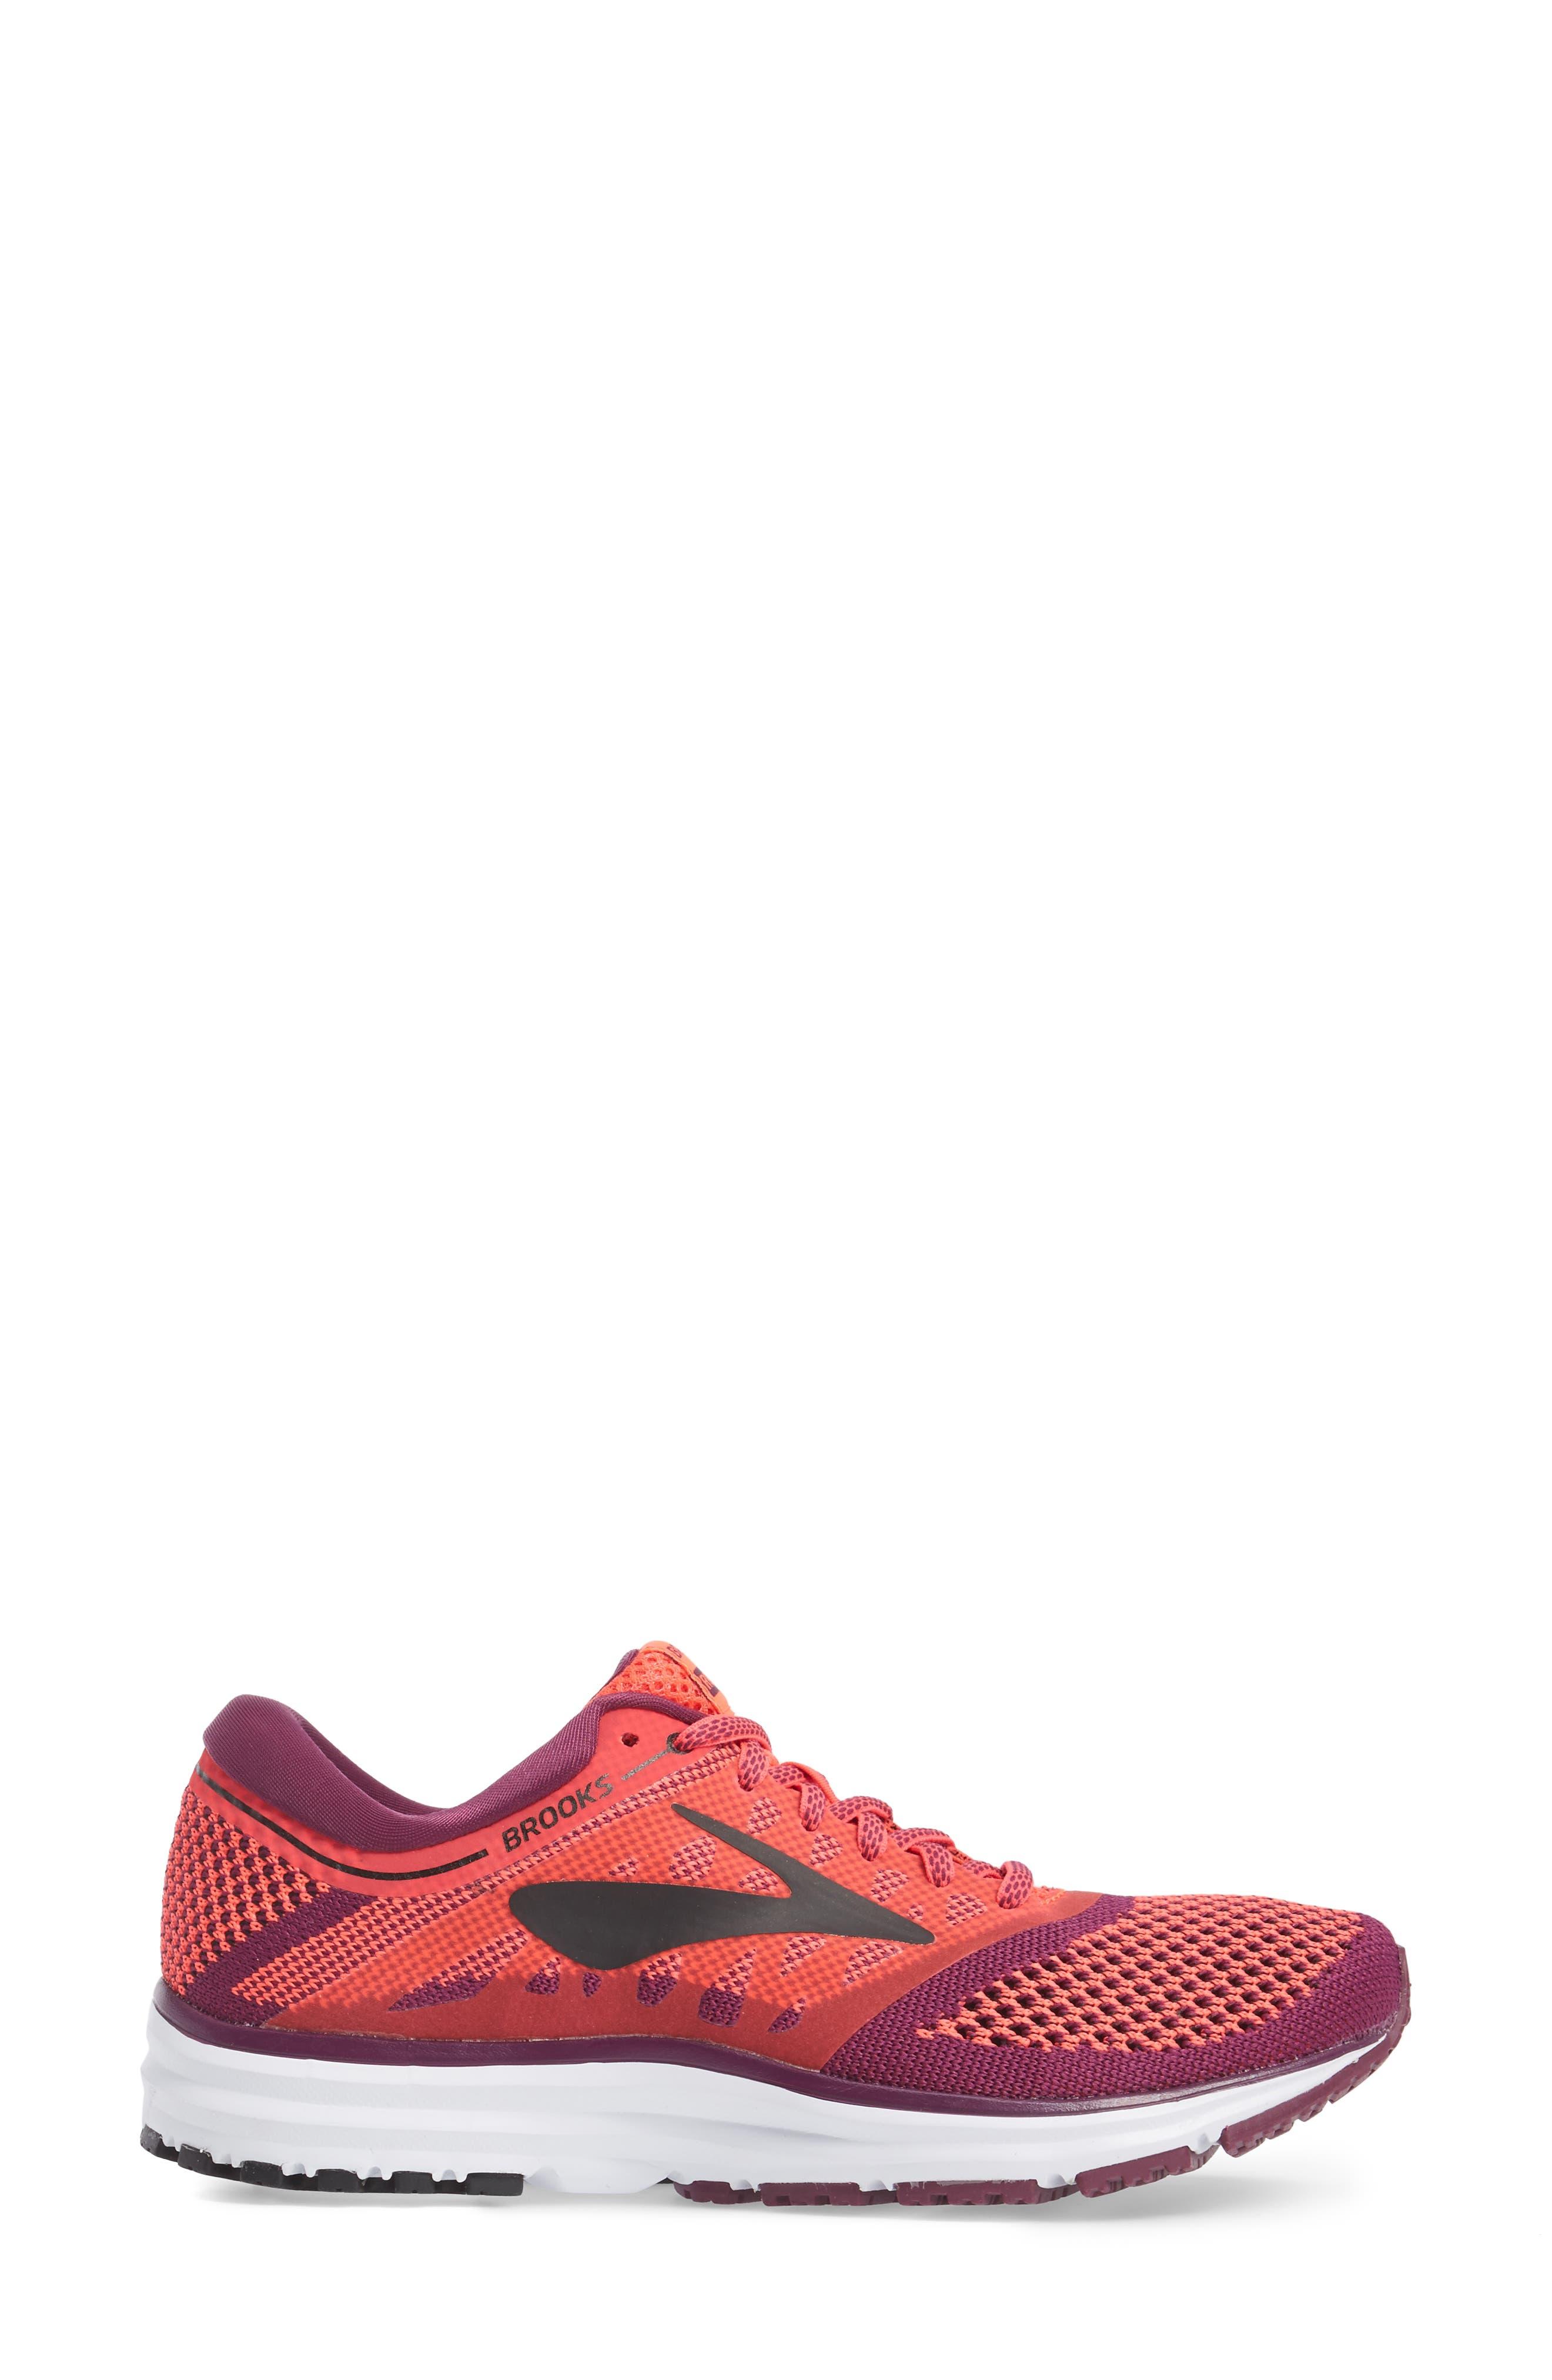 Revel Running Shoe,                             Alternate thumbnail 18, color,